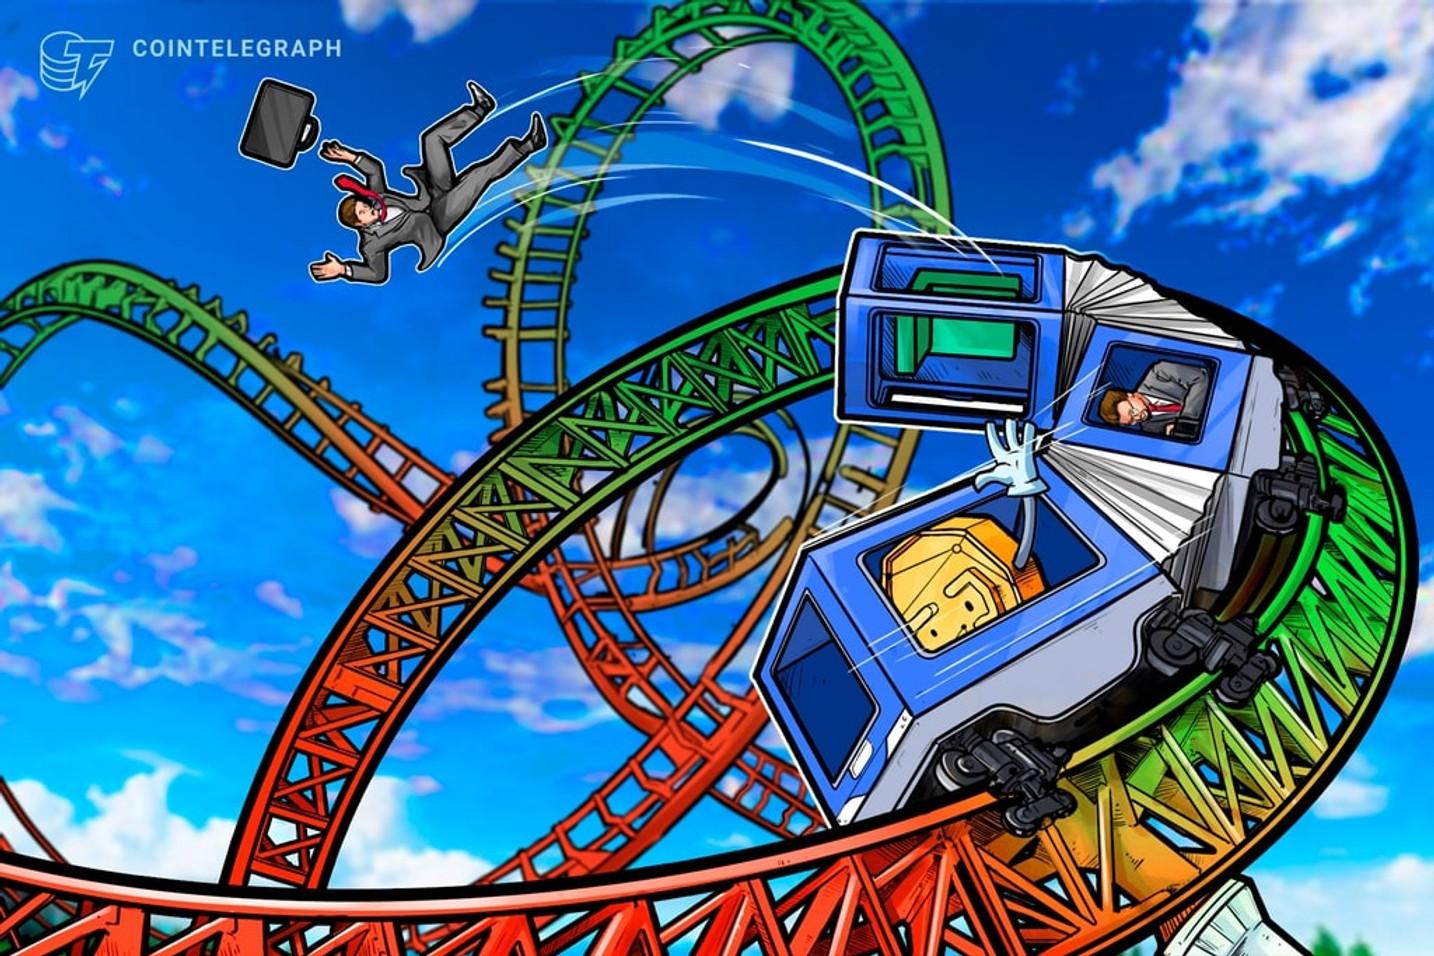 Dos derivaciones de Bitcoin: Bitcoin Cash y Bitcoin SV, reportan las mejores ganancias en el criptomercado